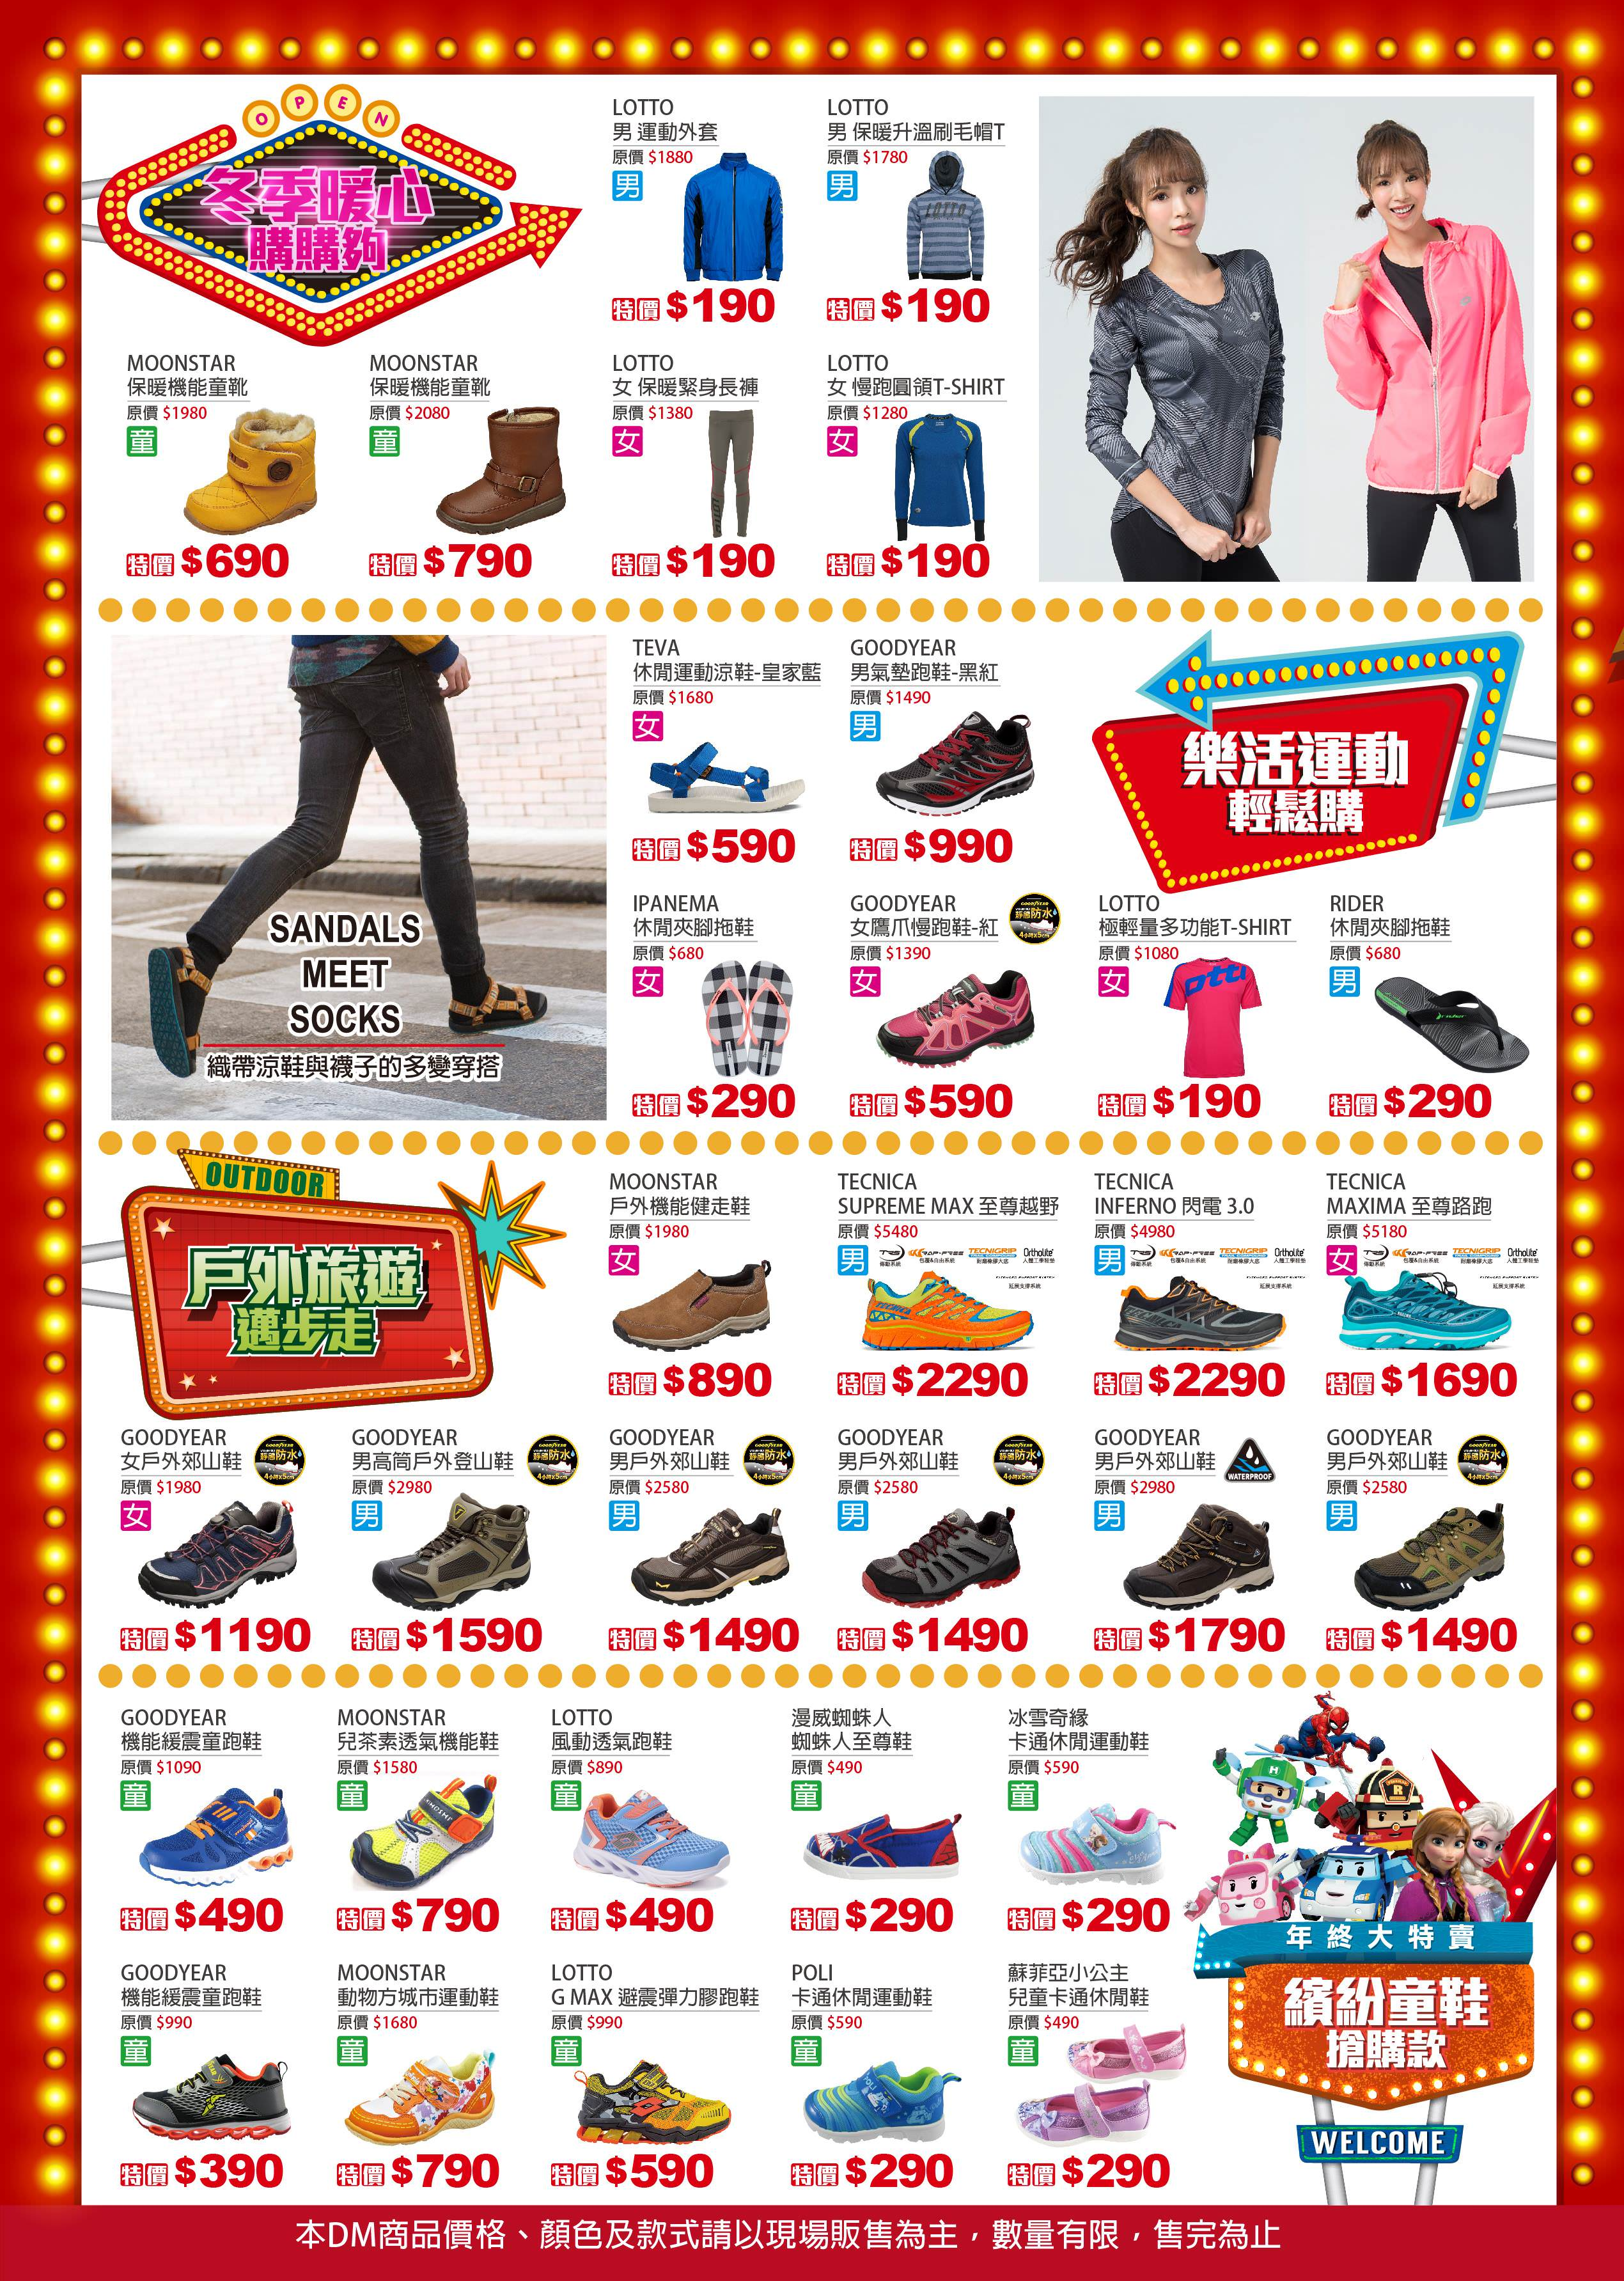 20181109110751 89 - 熱血採訪|NG牛仔帆布鞋55元、卡通兒童拖鞋60元、童鞋換季三雙只要500元!大雅童鞋特賣快來搶便宜